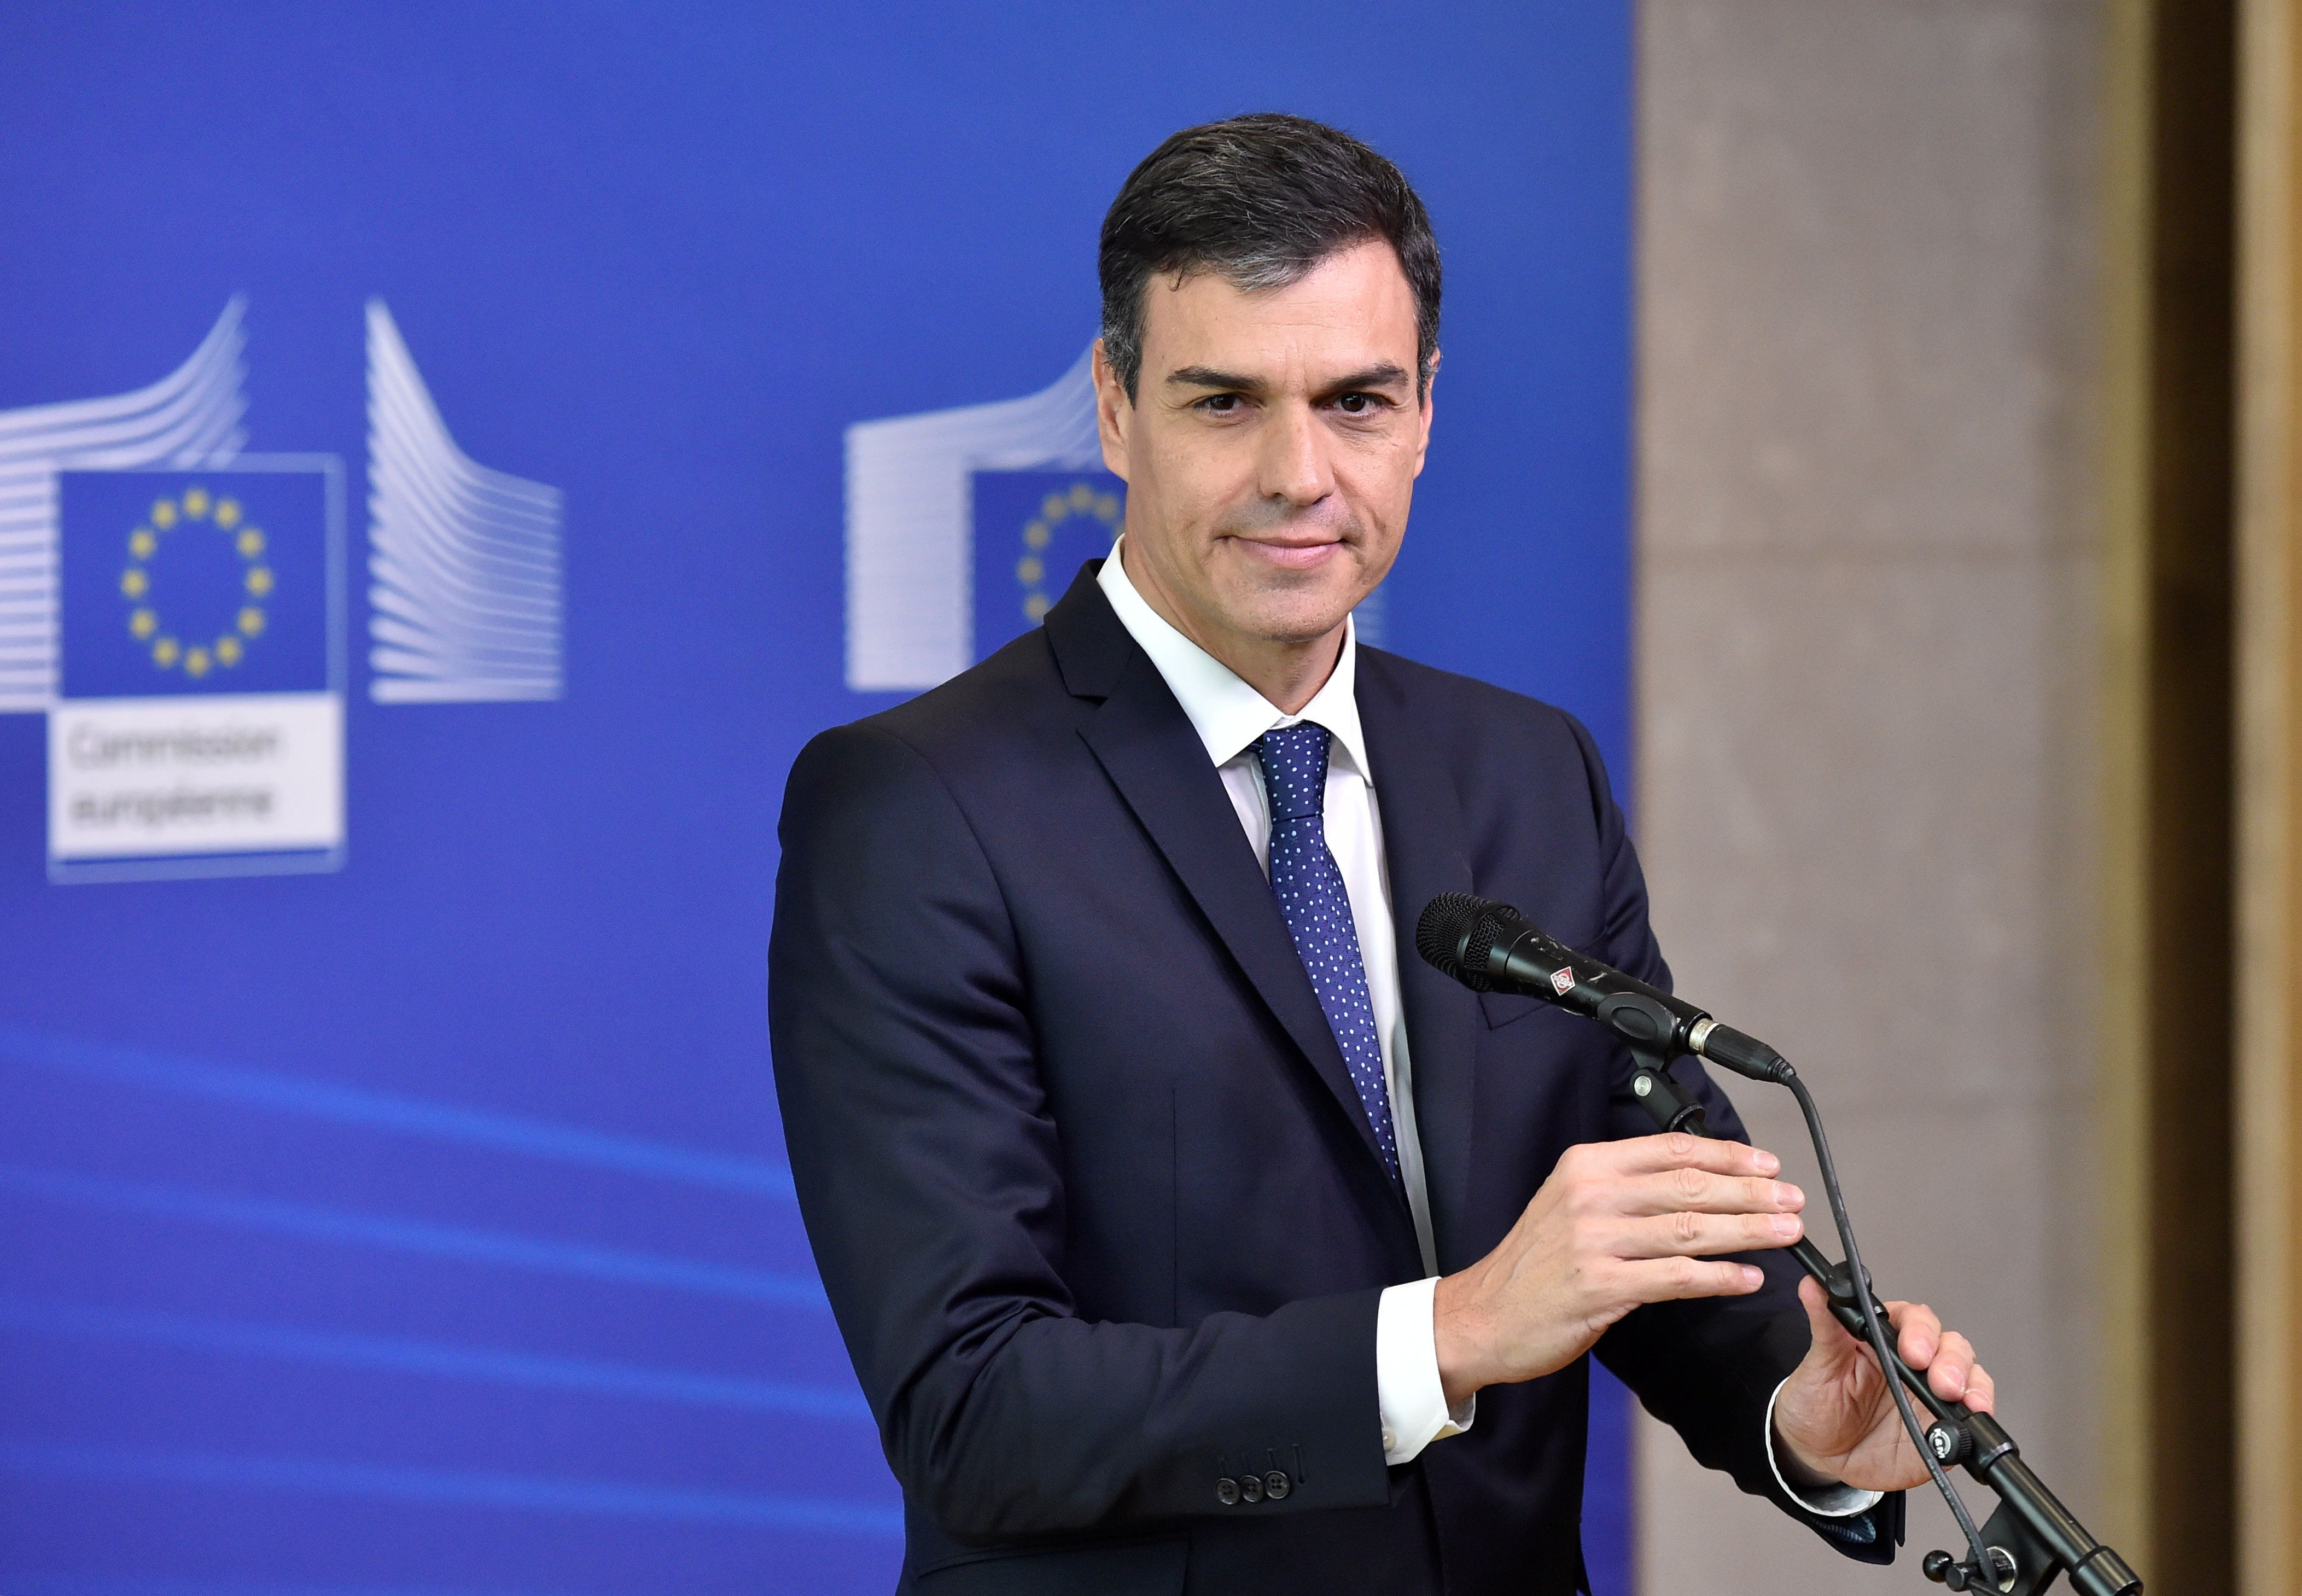 Σάντσεθ: Η Μαδρίτη είναι προσηλωμένη σε μια ευρωπαϊκή λύση για το μεταναστευτικό